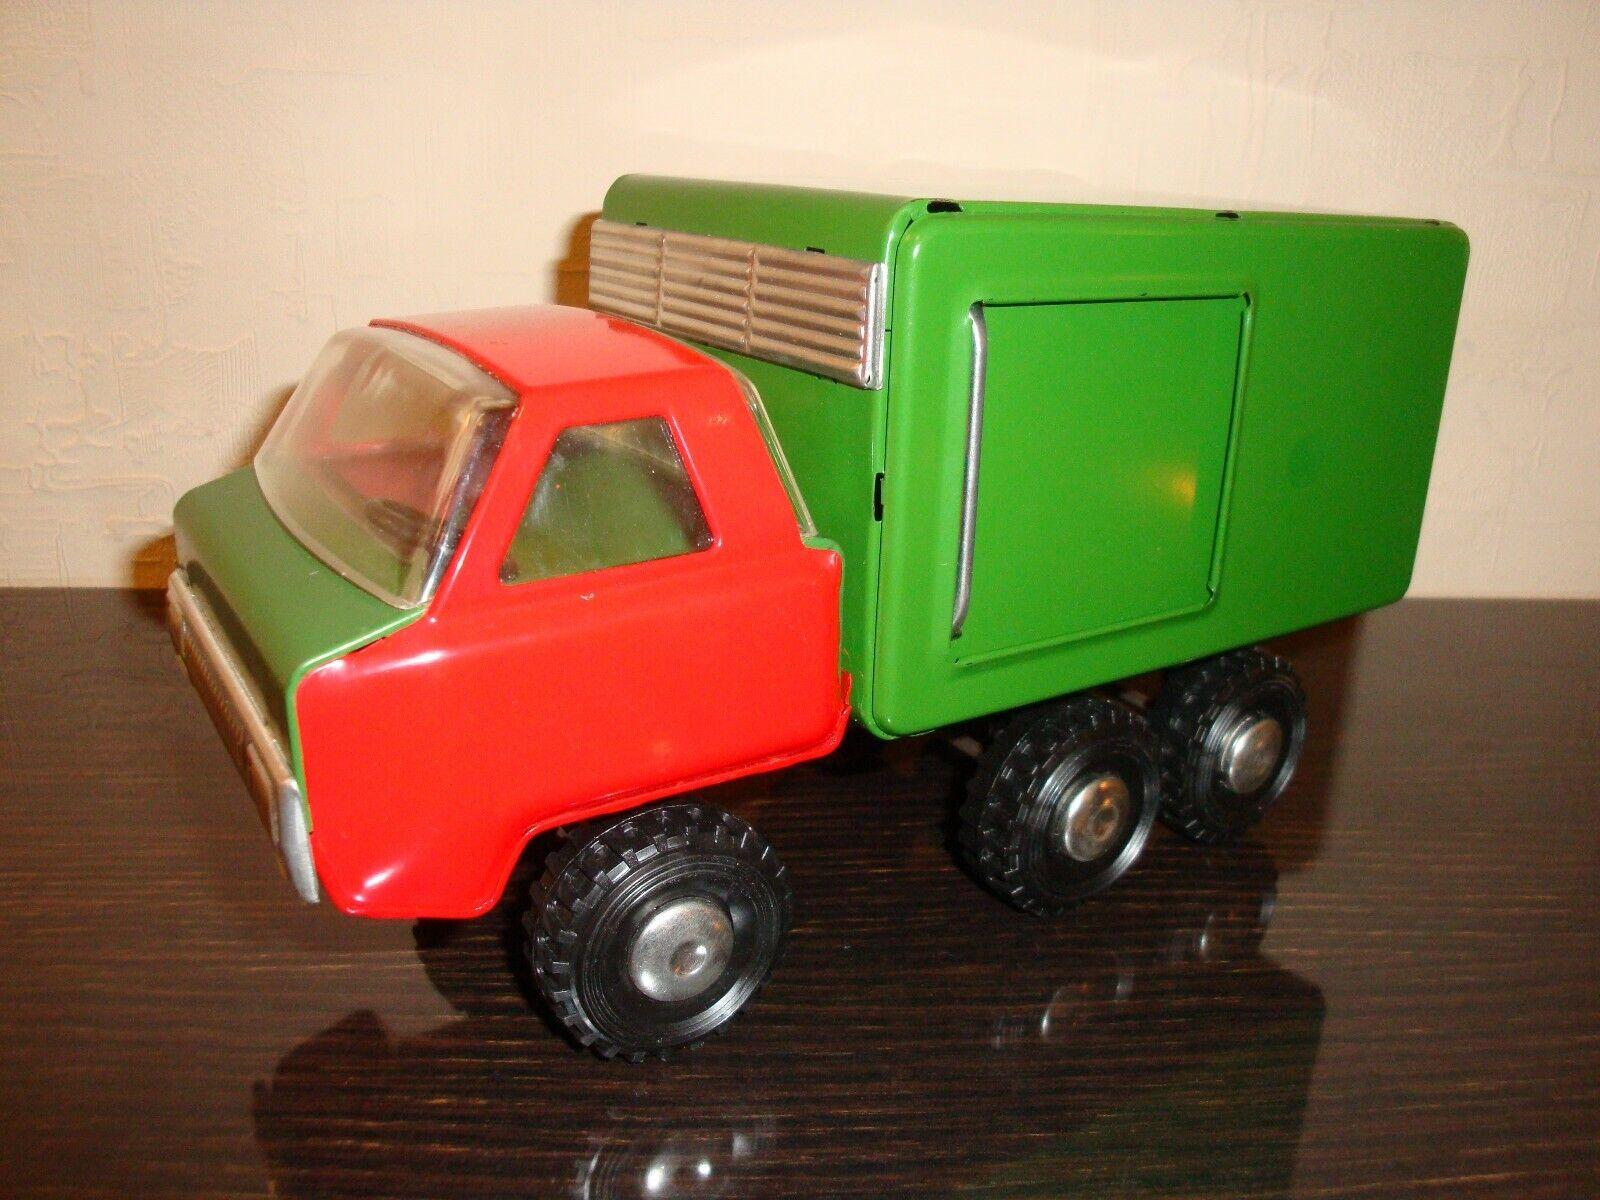 Soviet vintage auto jouet métal rare modèle URSS NEUF